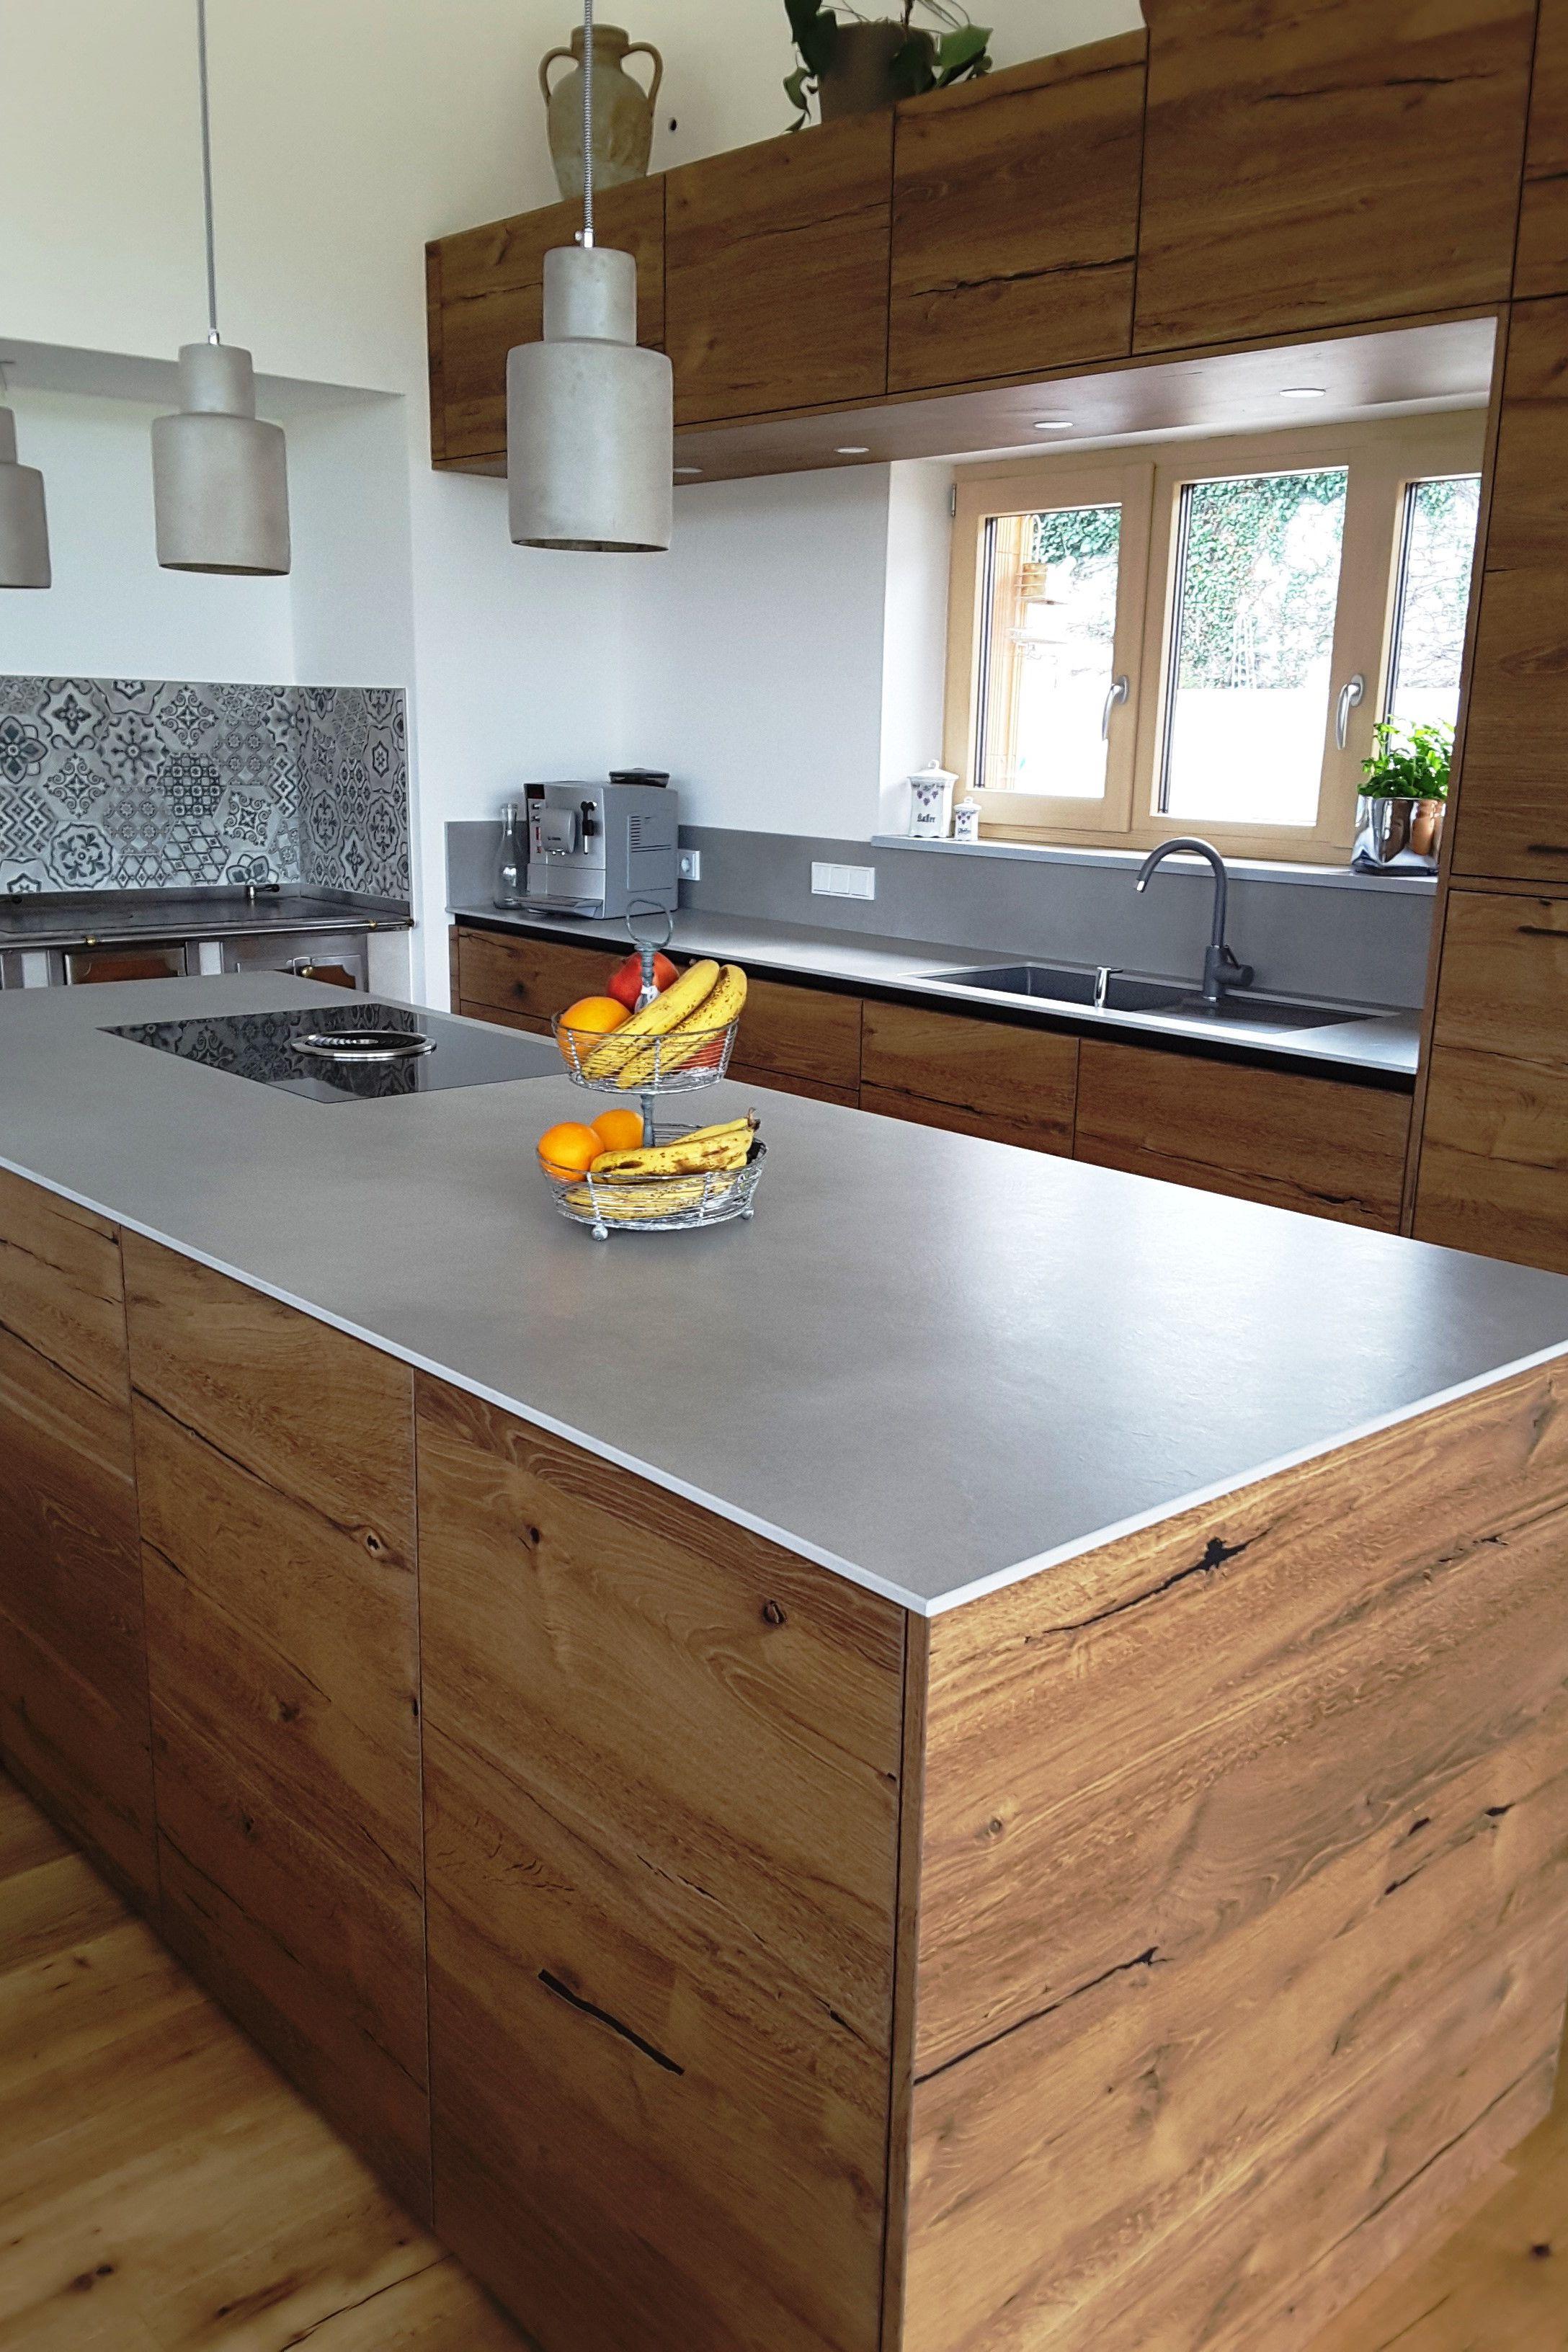 Kuche Im Stil Alteiche Barrique Kuche Holz Modern Kuchen Design Wohnung Kuche